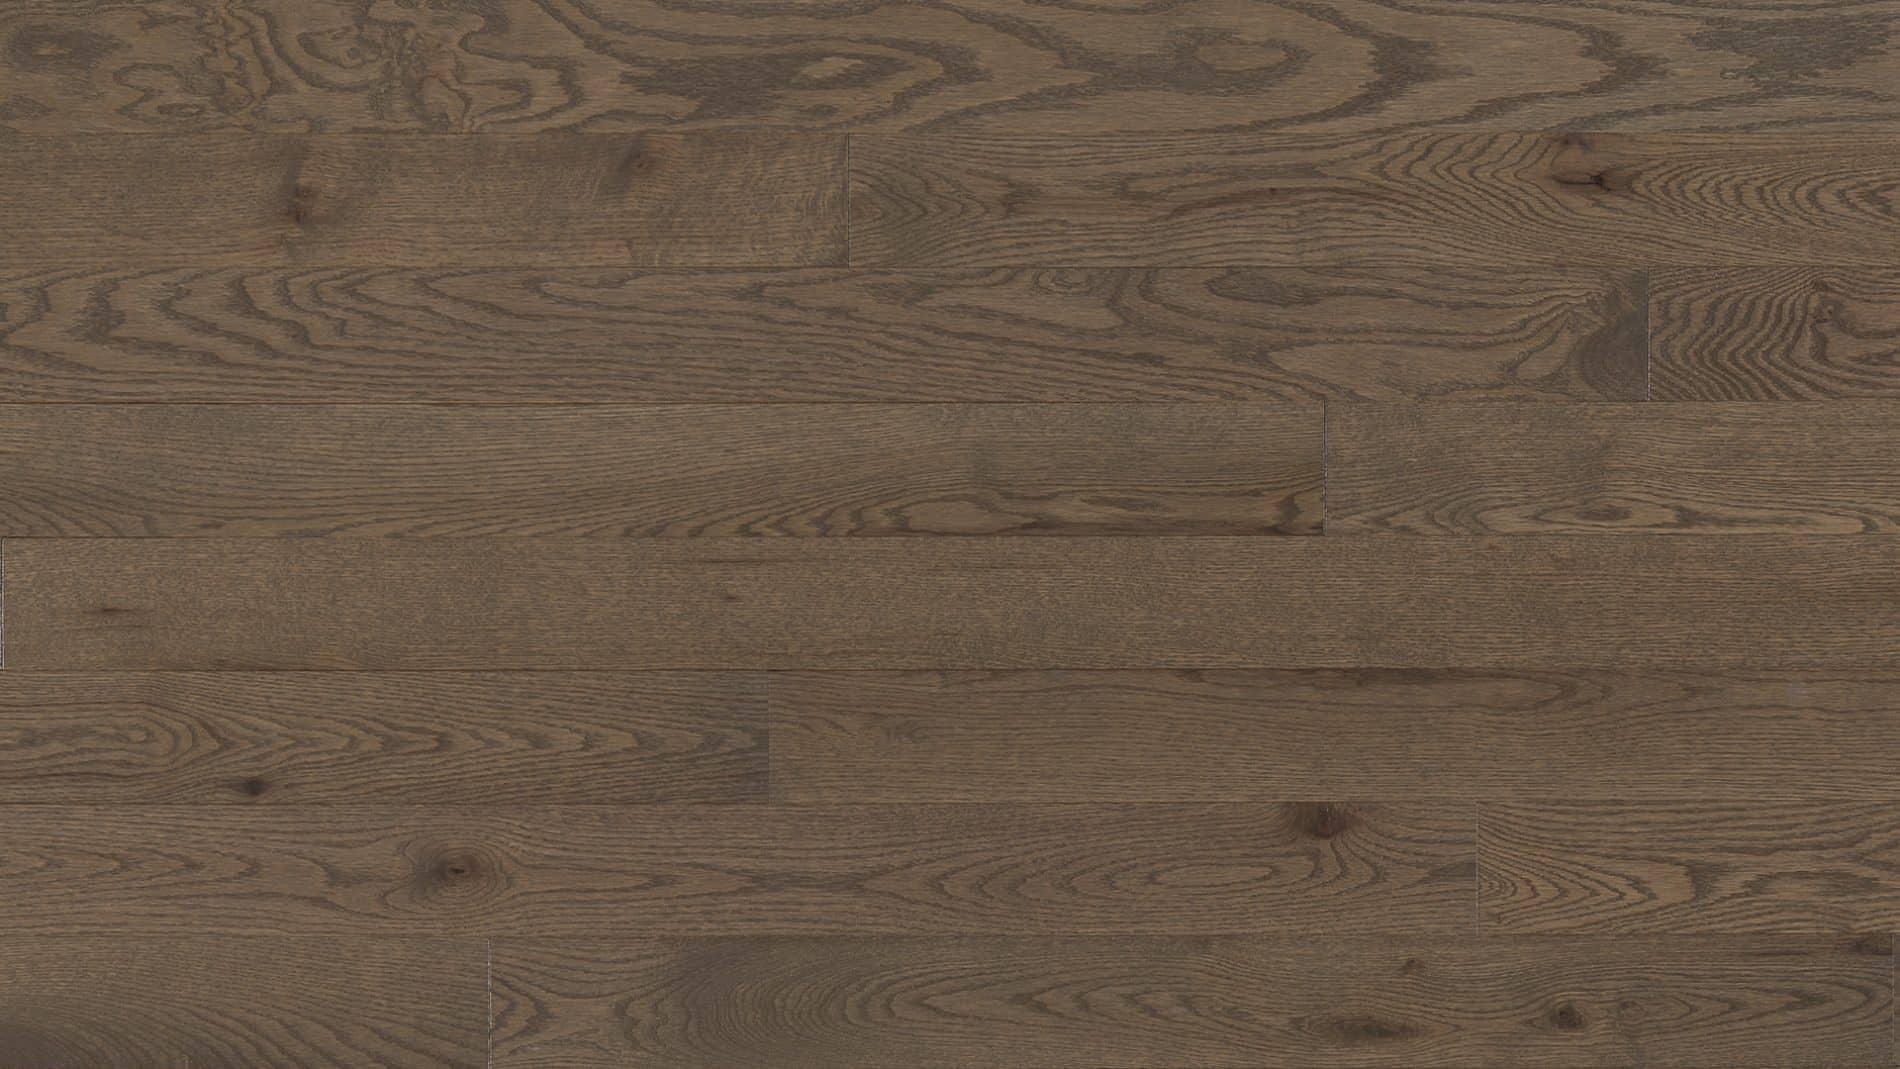 Hardwood floor | Red oak newport